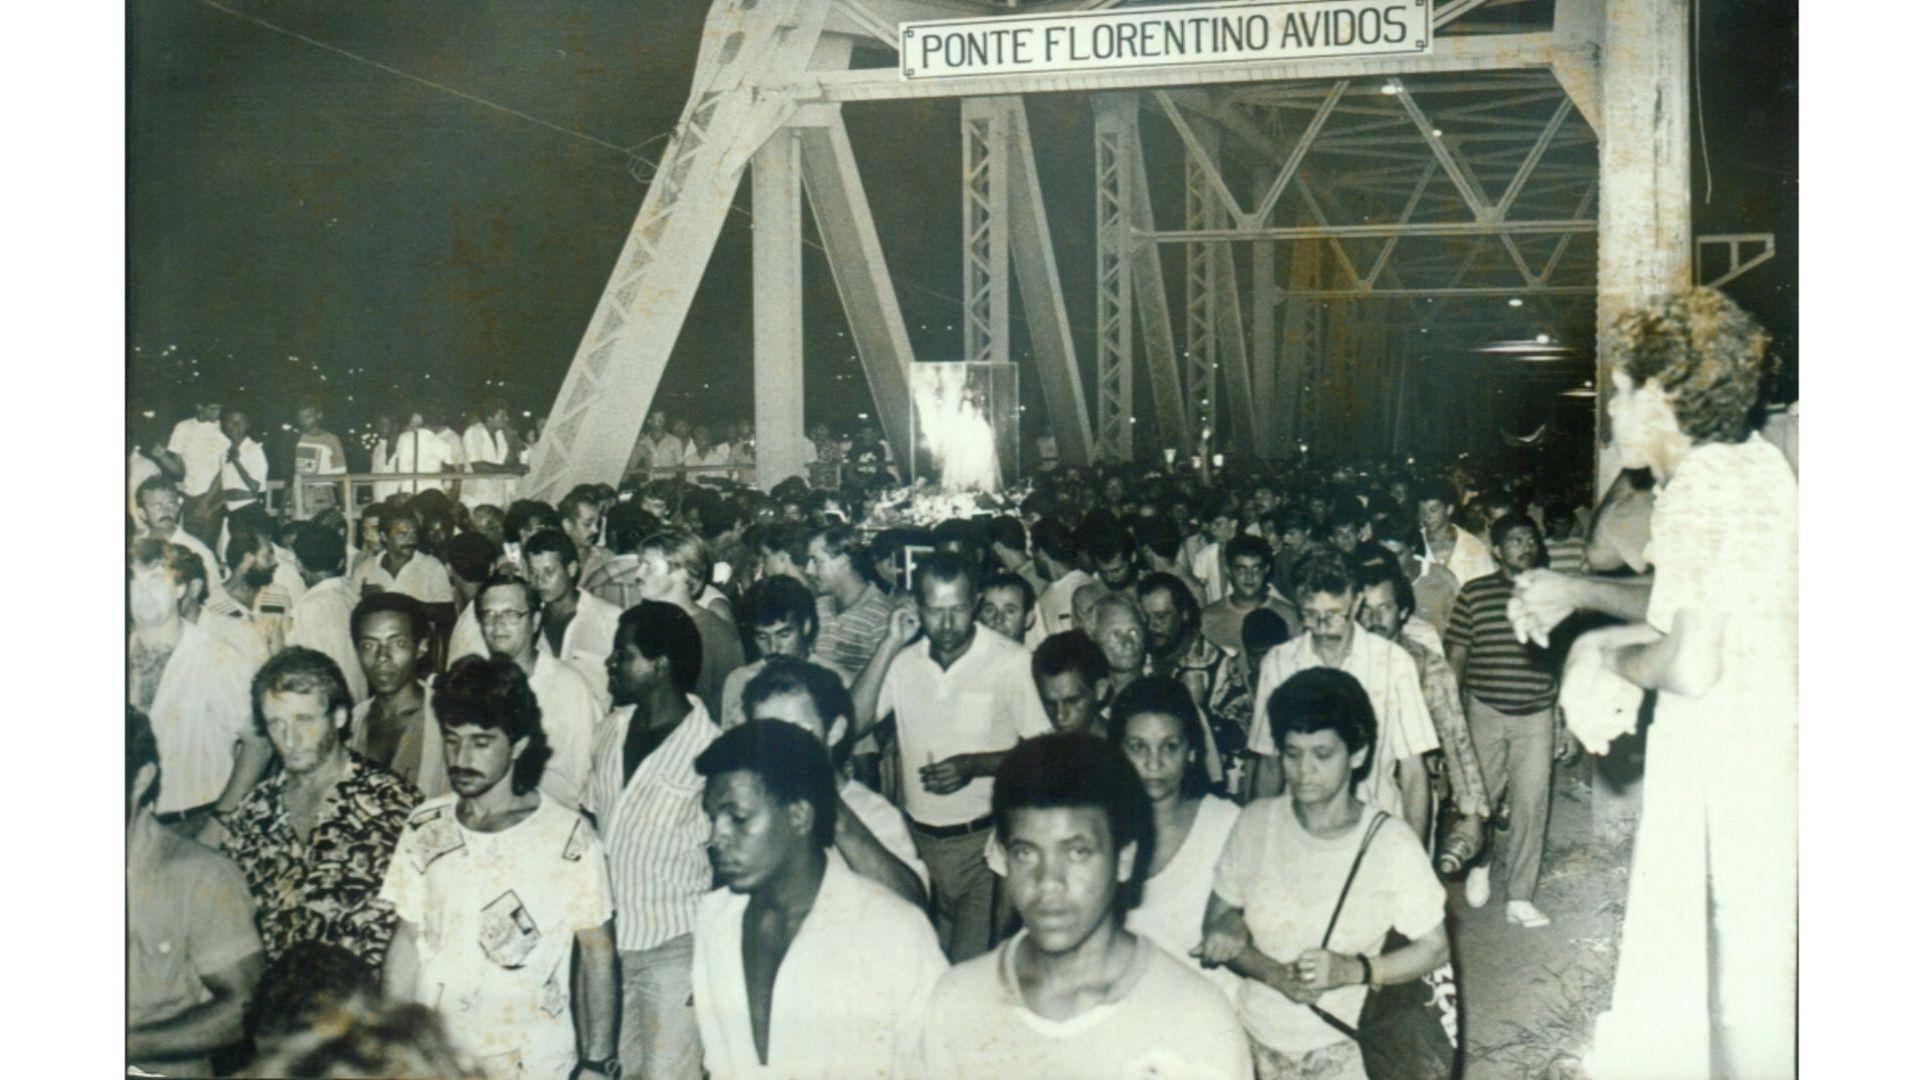 Romaria dos Homens passando pela Ponte Florentino Avidos